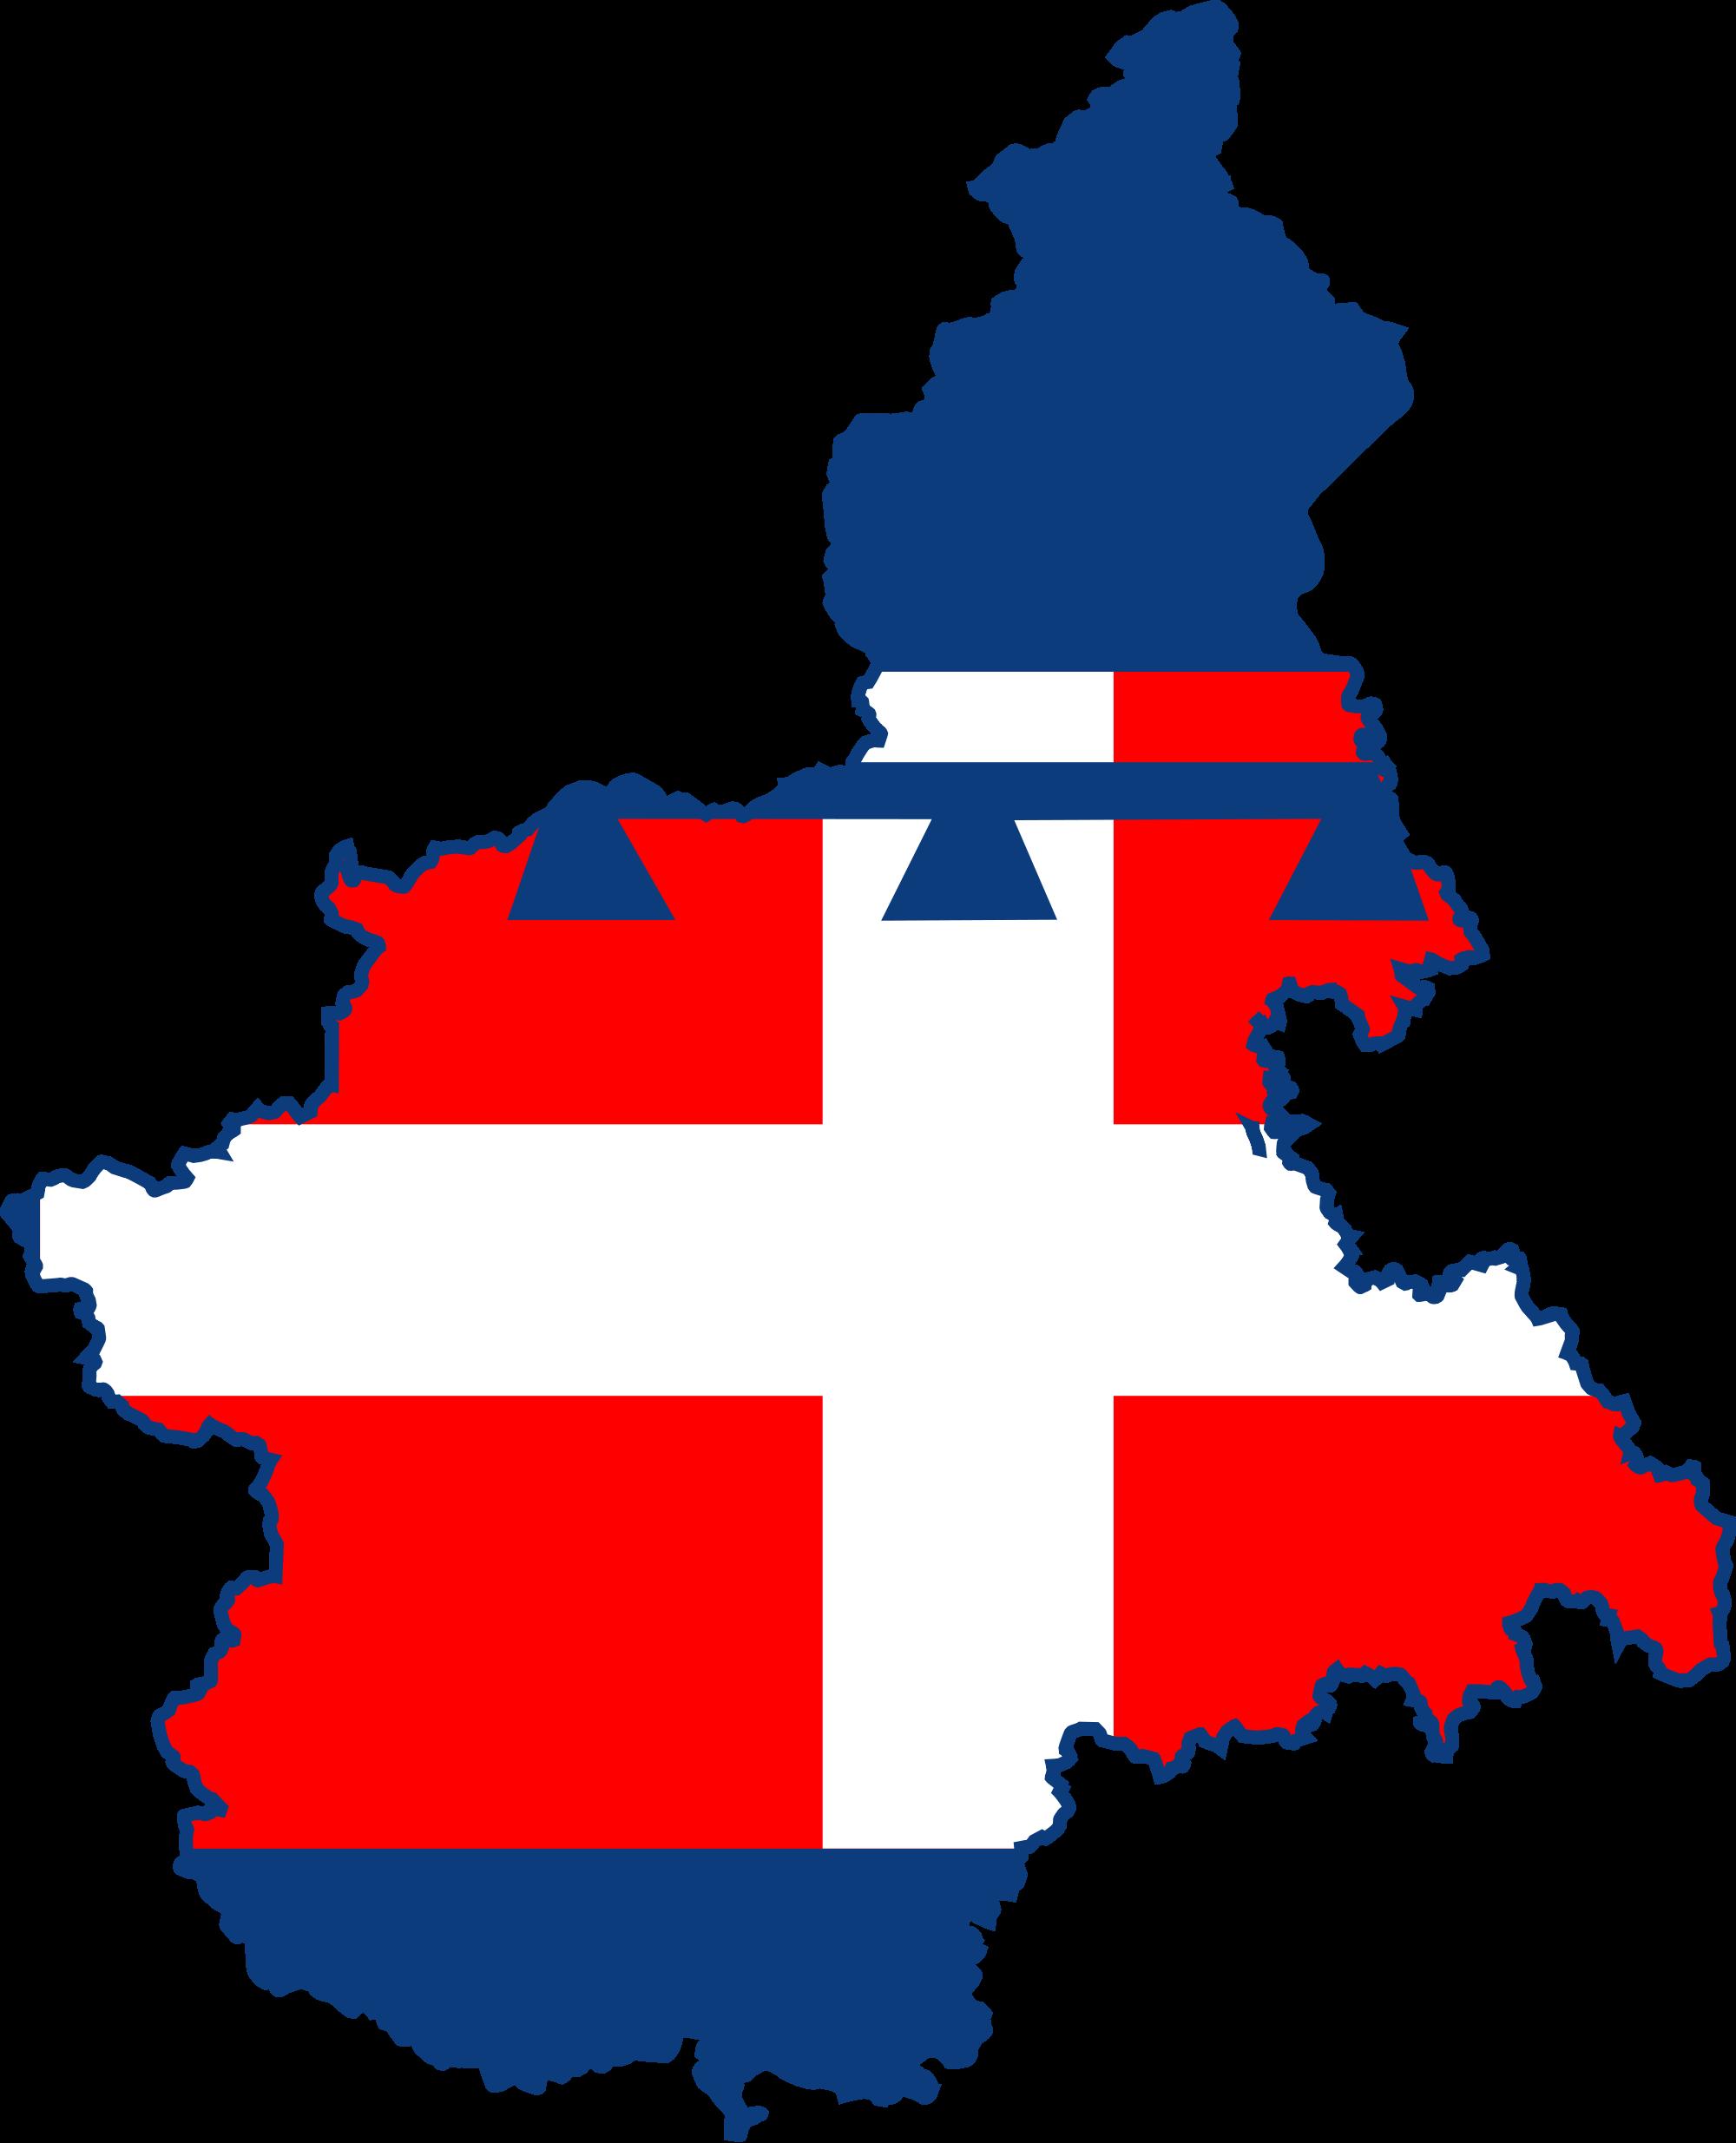 Cartina Regione Piemonte.Bandiera Regione Piemonte